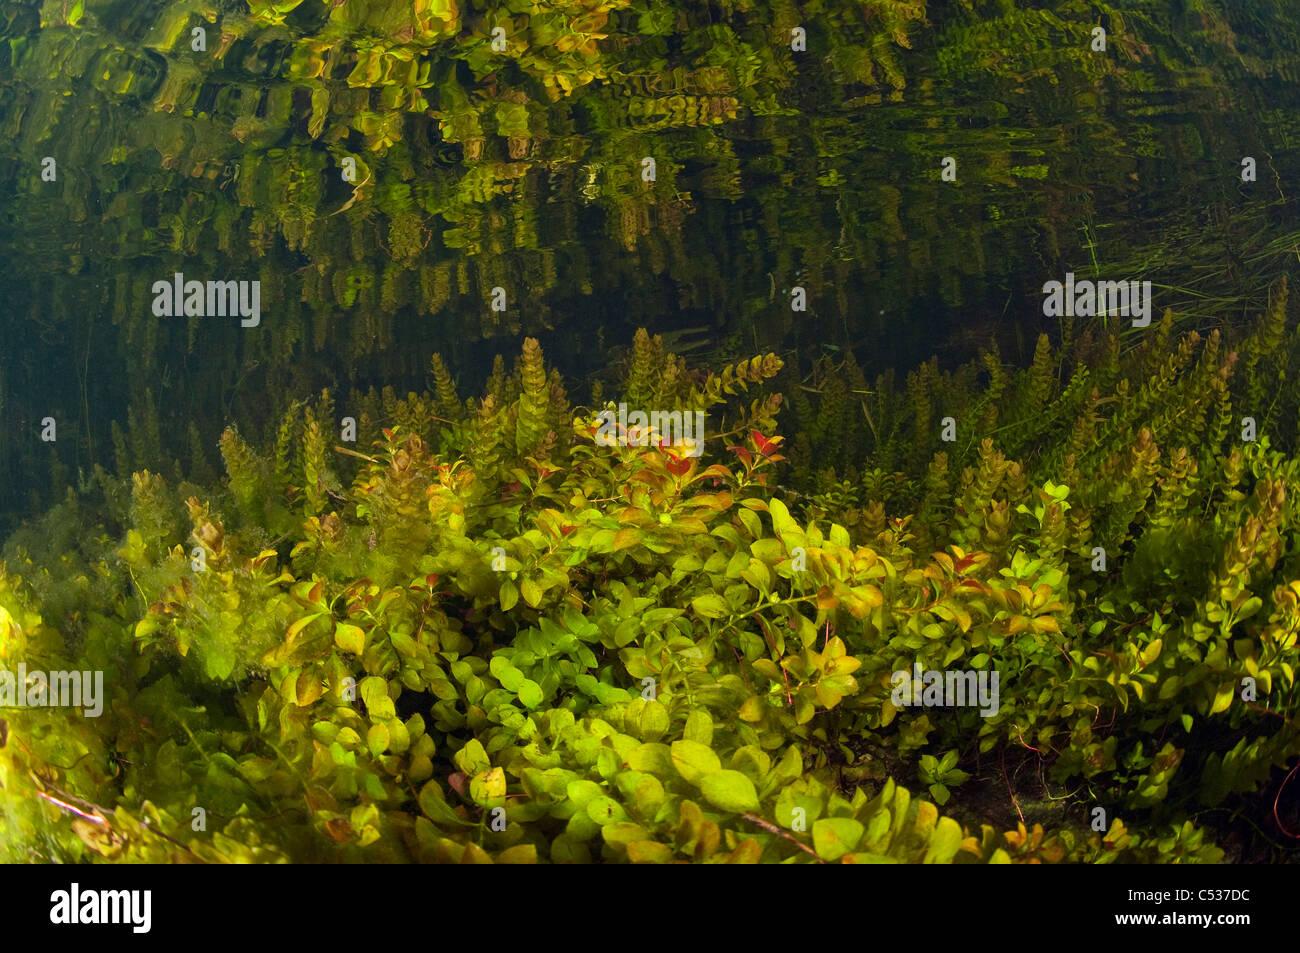 Plantas submarinas medran en las cristalinas aguas de inundaciones bosques de cipreses en los Everglades de Florida. Imagen De Stock